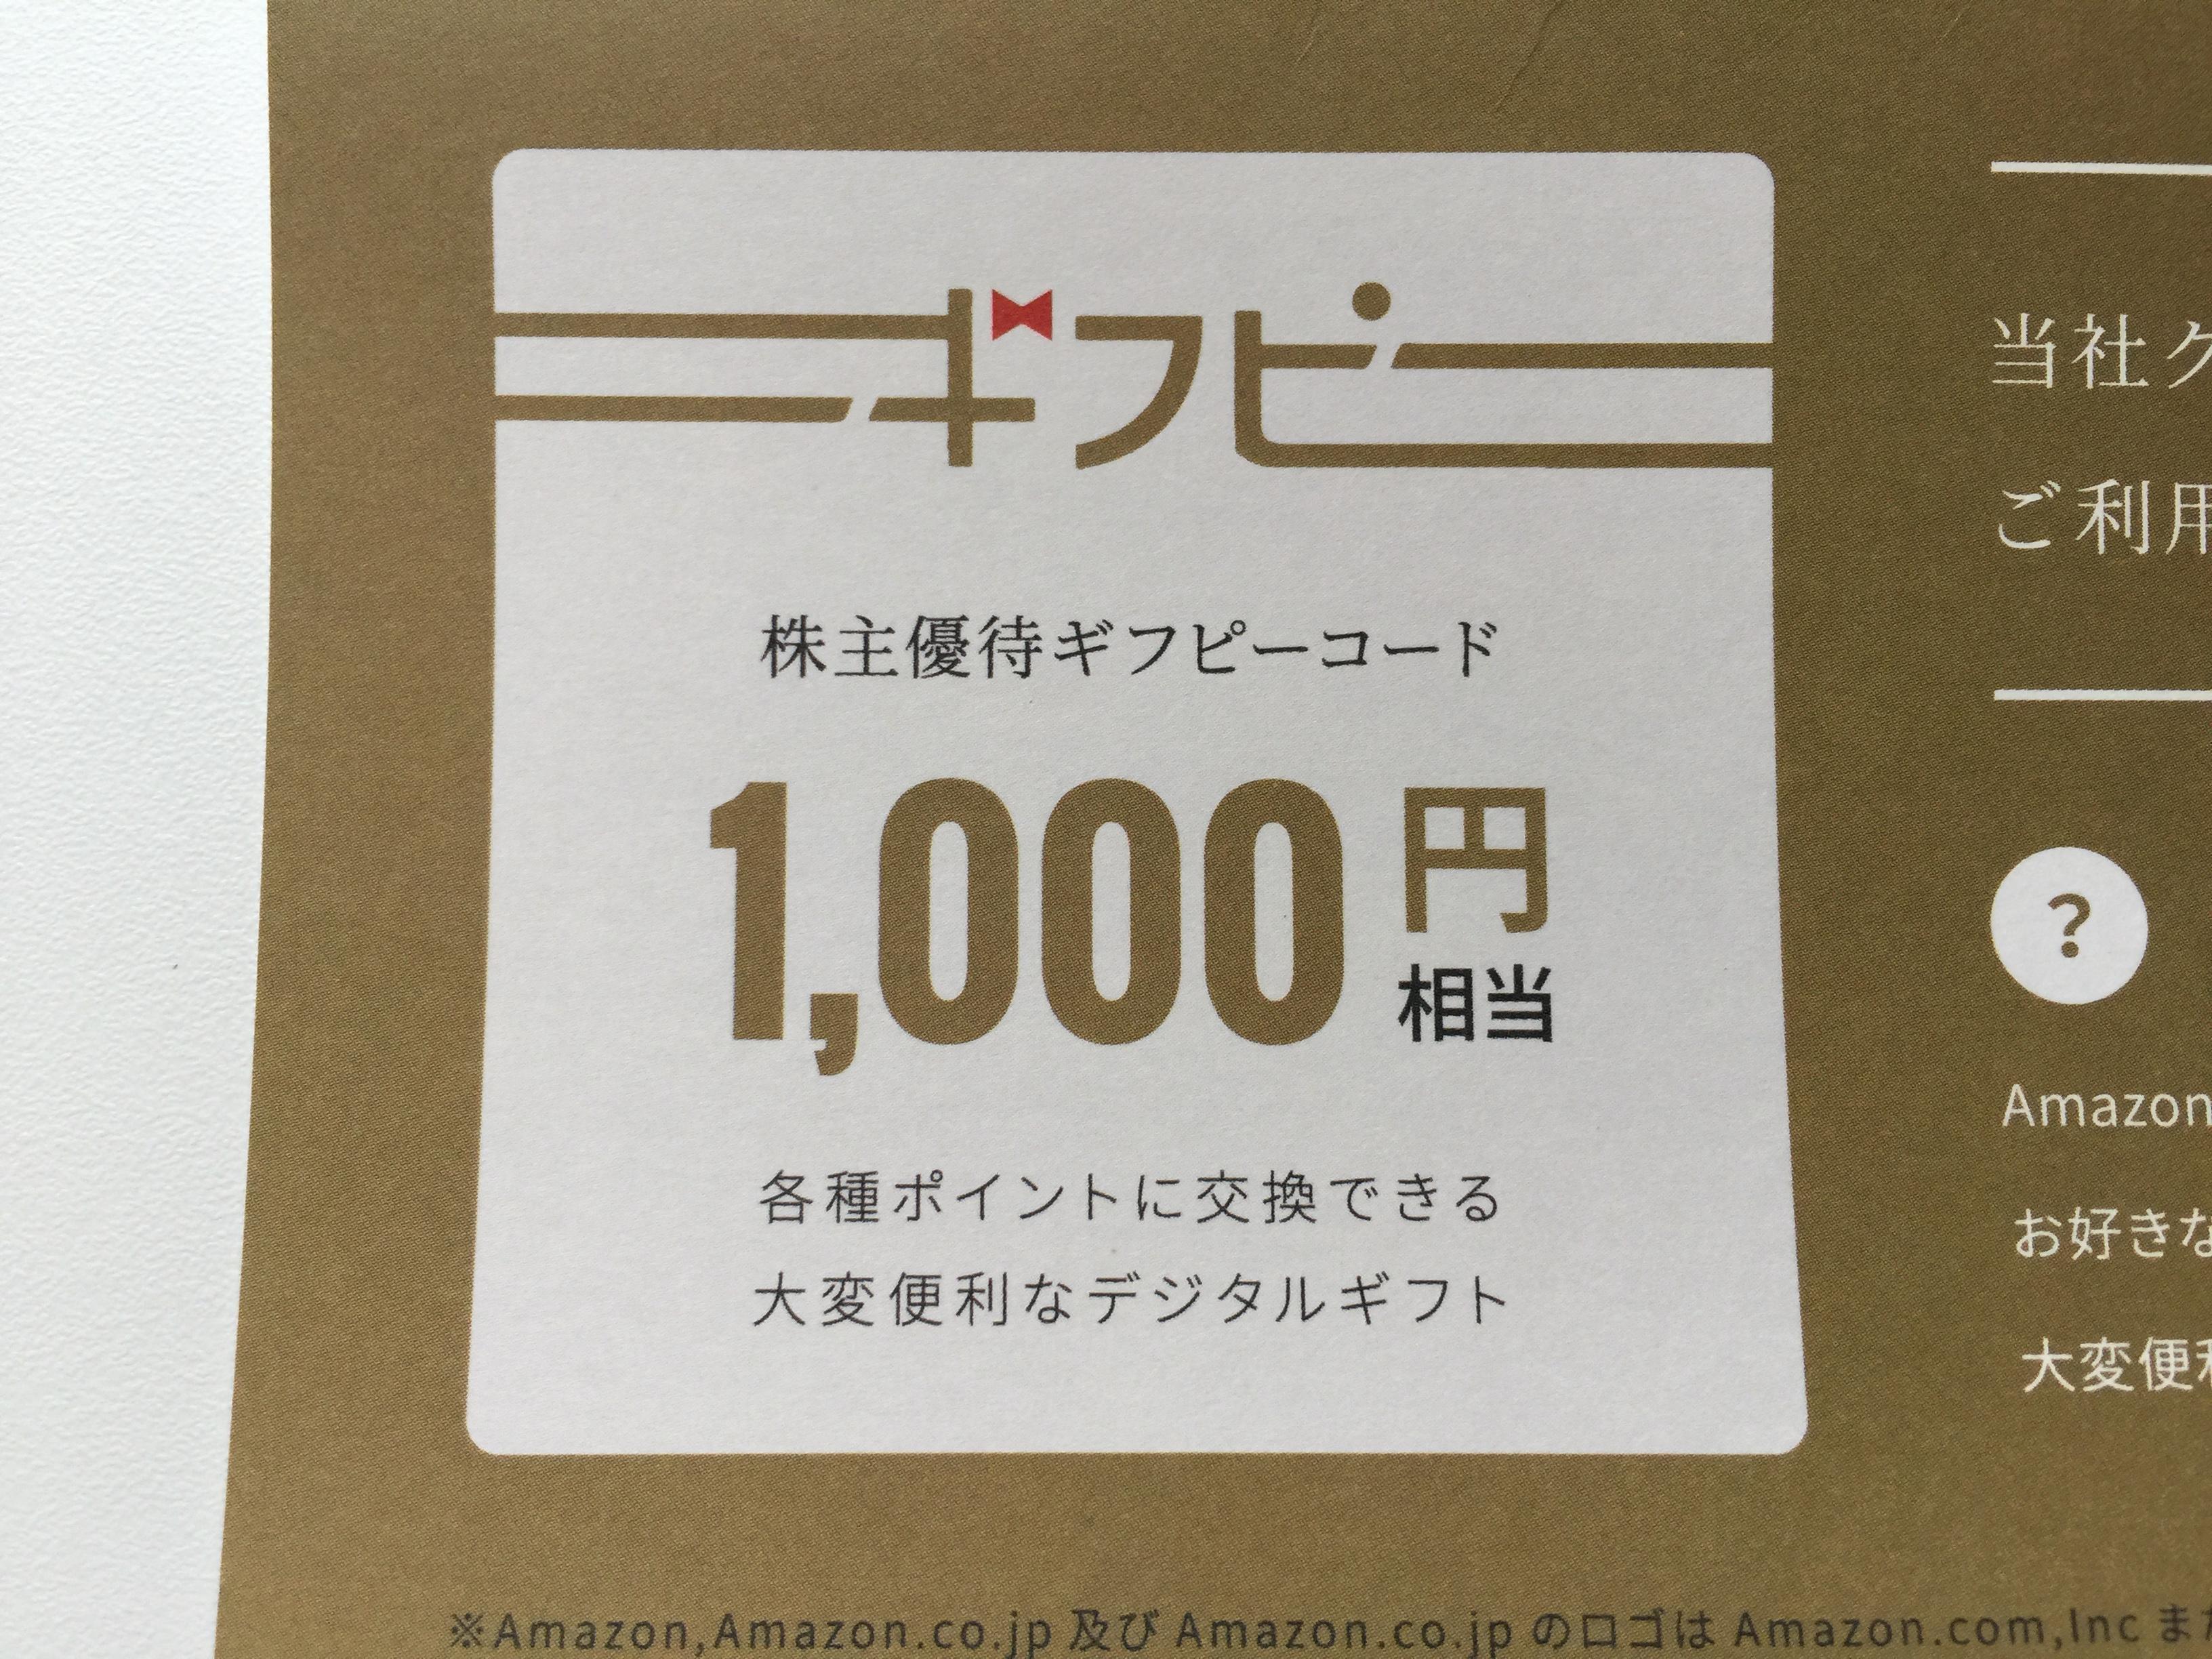 株主優待 amazonギフト券と交換できるギフピー1,000円分